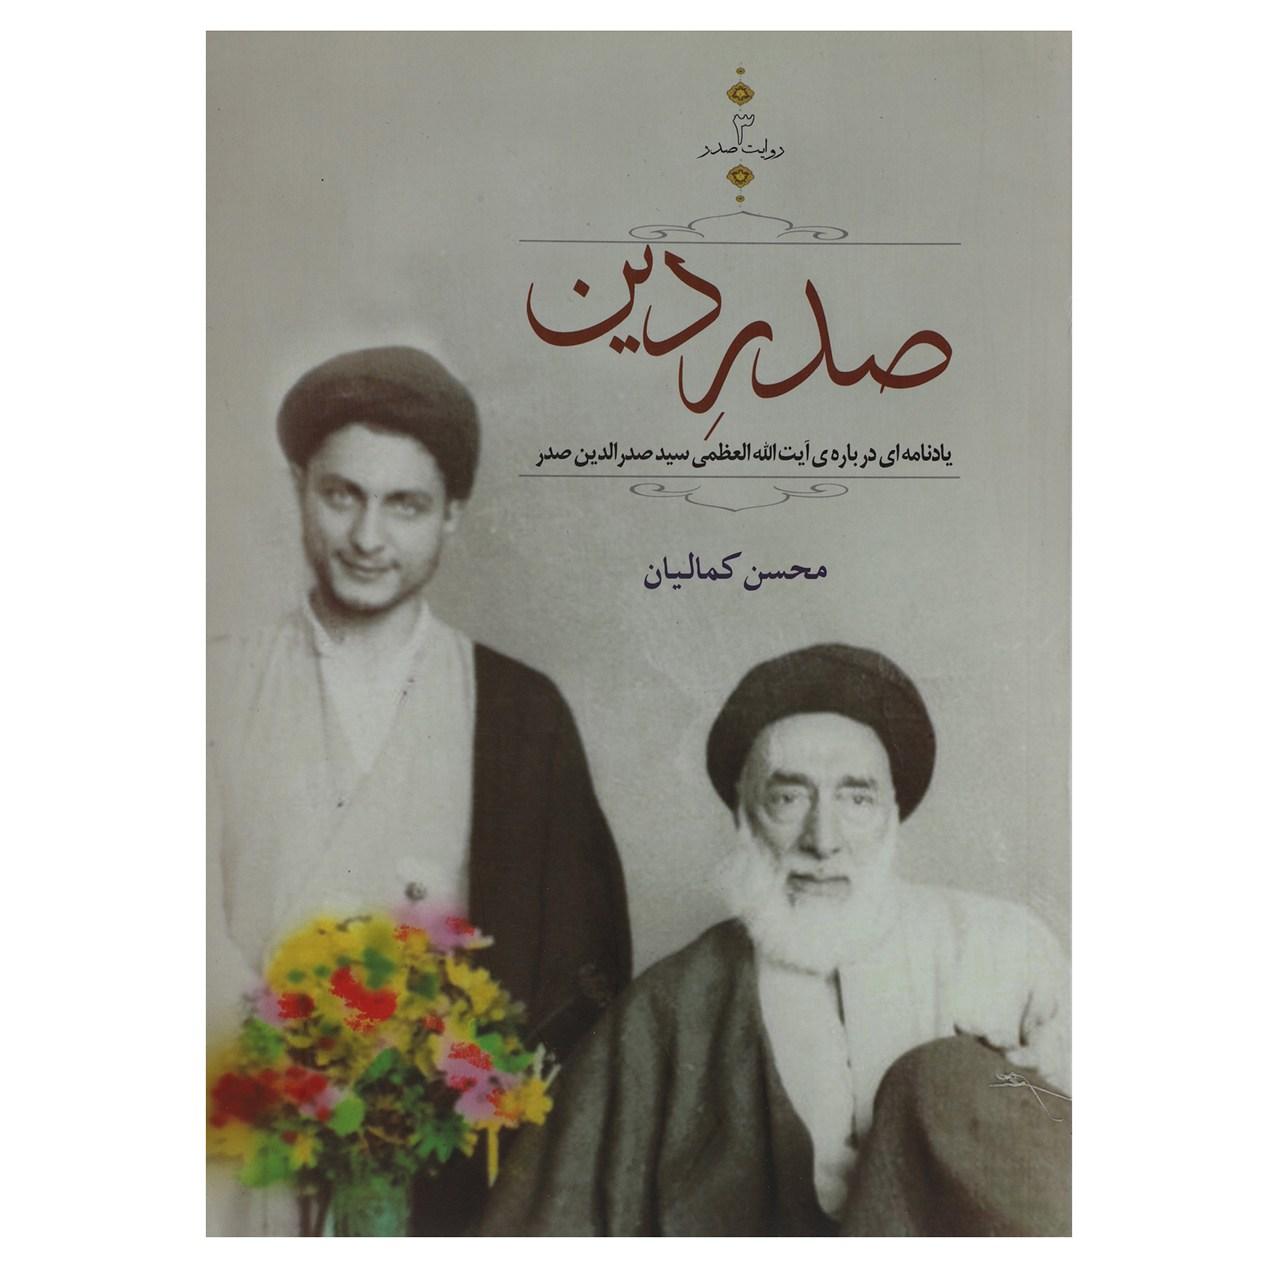 کتاب صدر دین اثر محسن کمالیان